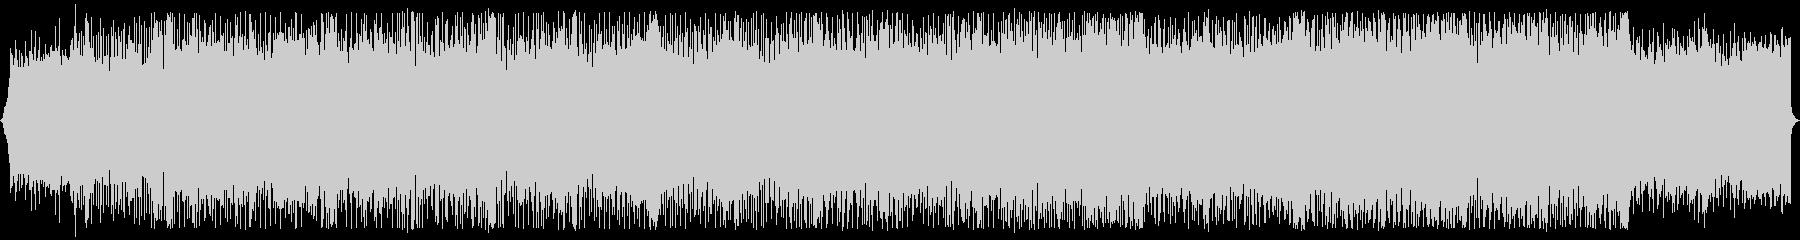 キャッチーで耳に残るシンセウェイヴの未再生の波形